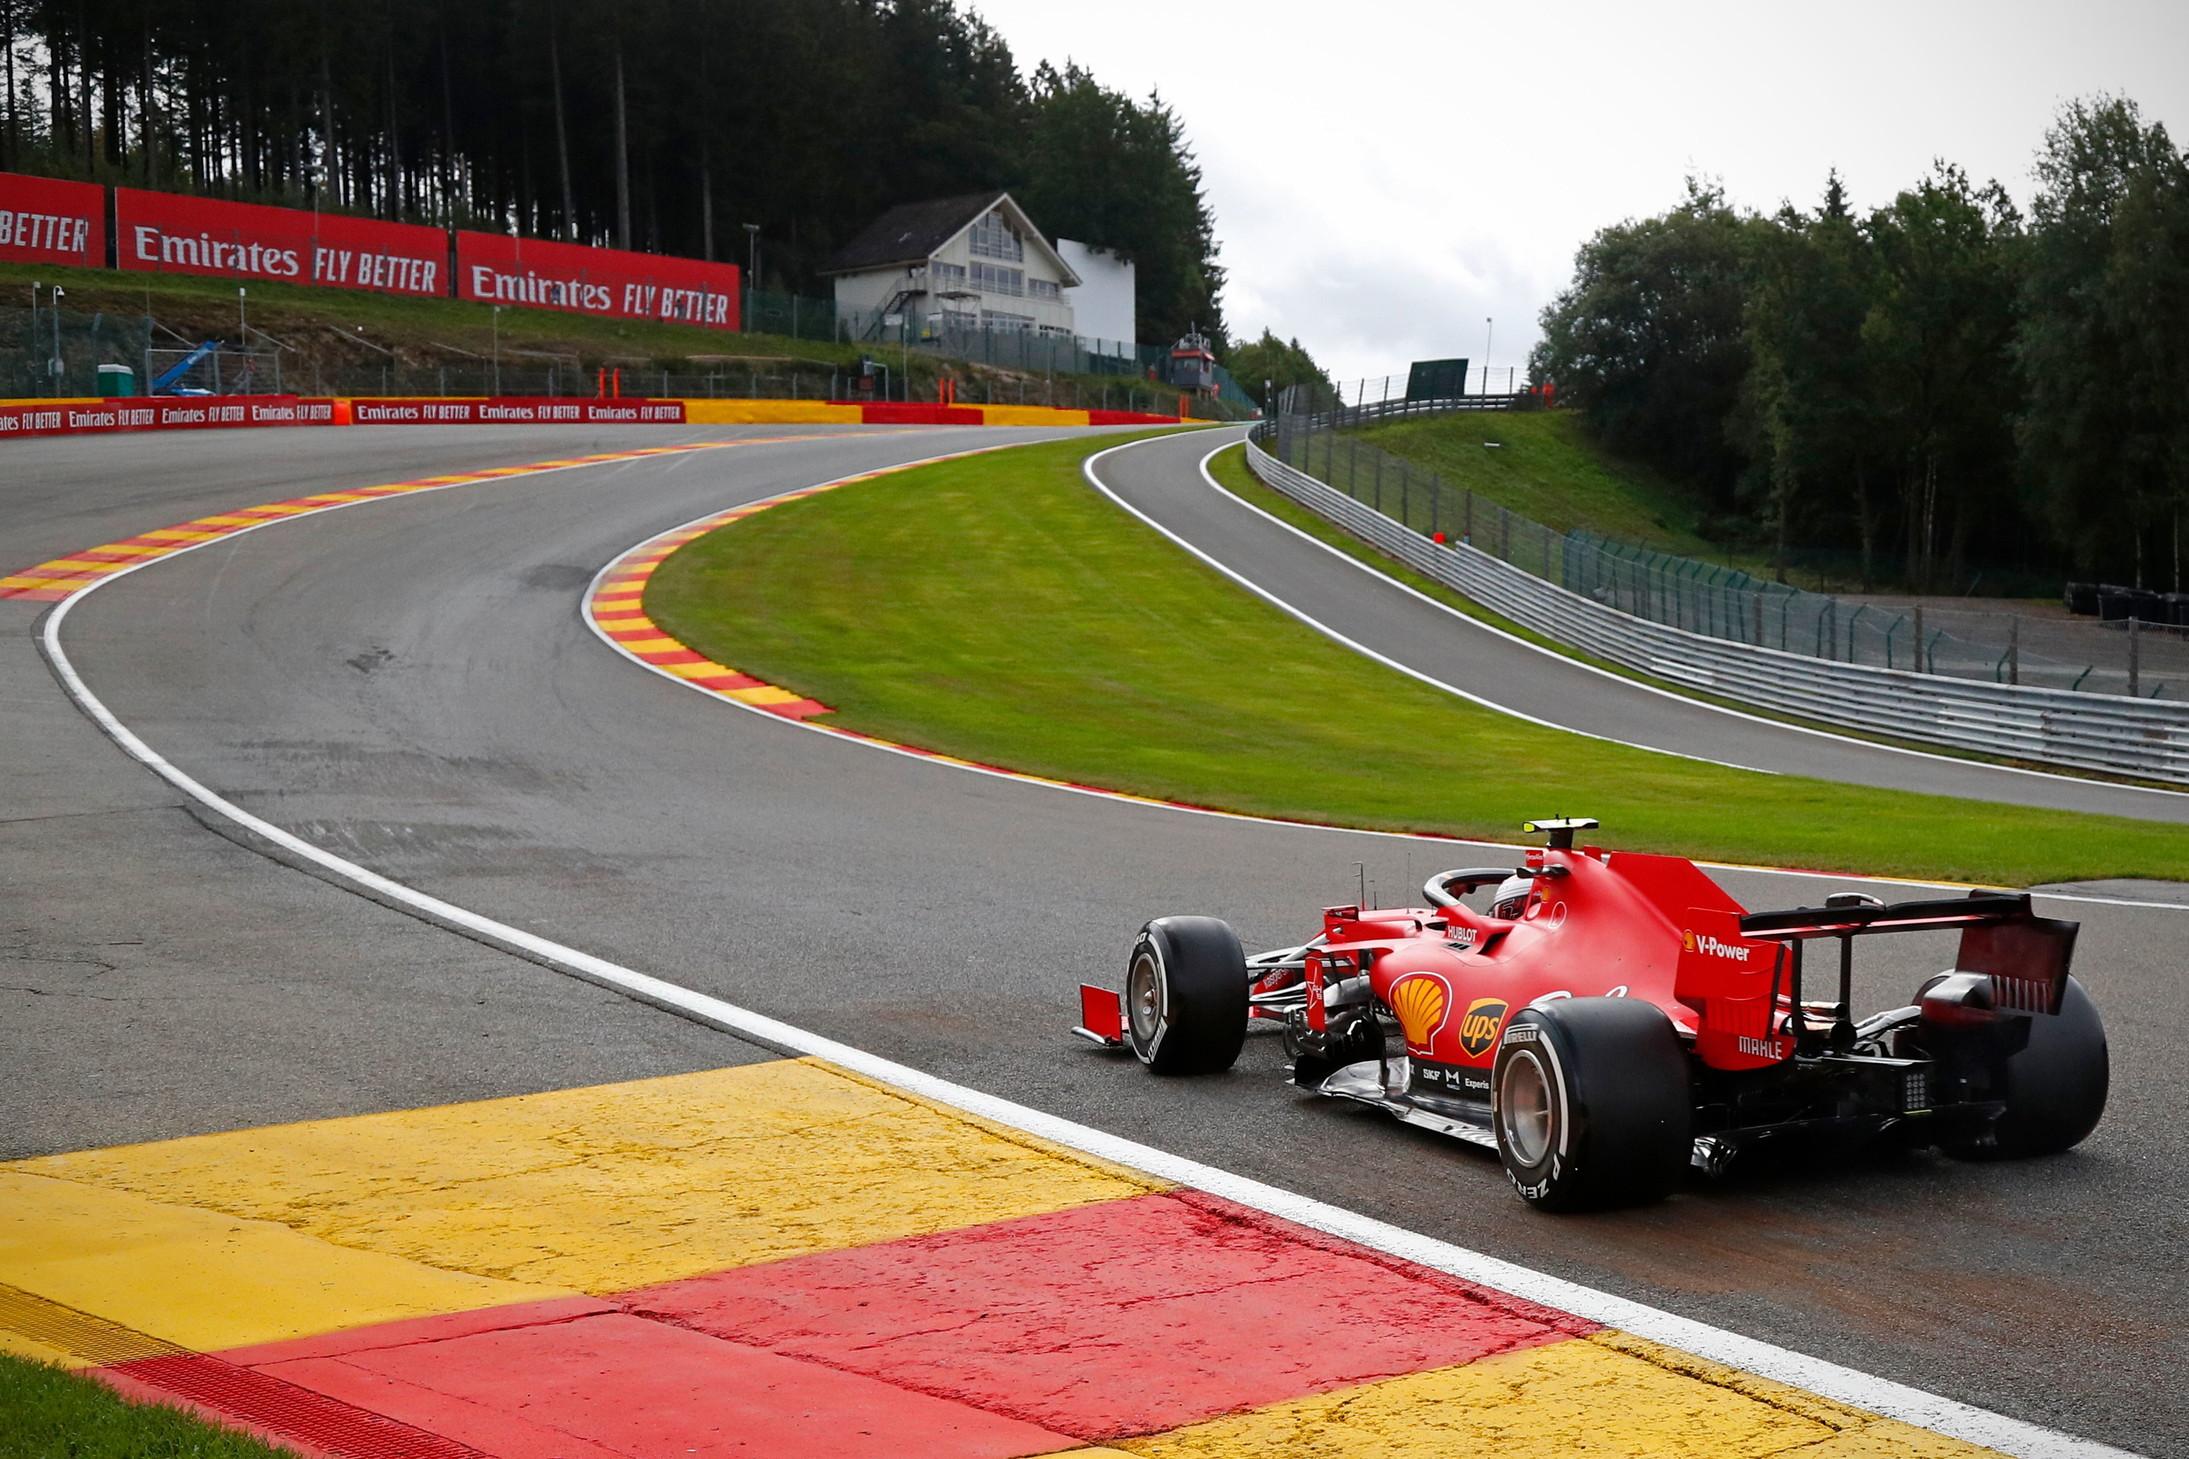 Dopo una settimana di sosta la Formula Uno torna in pista in Belgio nella pista dove lo scorso anno perse la vita, in F2,&nbsp;Anthoine Hubert<br /><br />